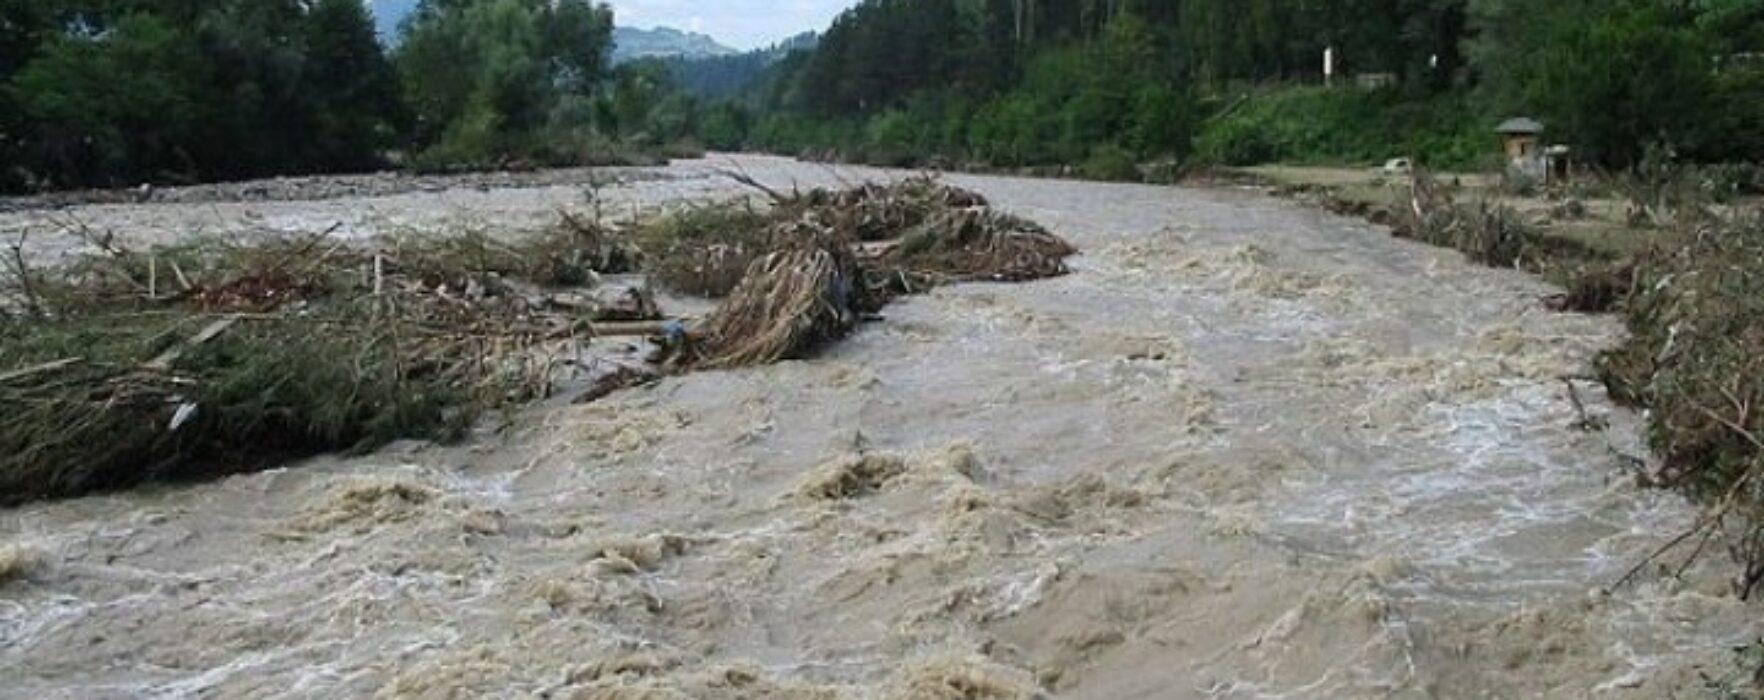 Dâmboviţa: Cod Portocaliu de inundații pe râul Neajlov